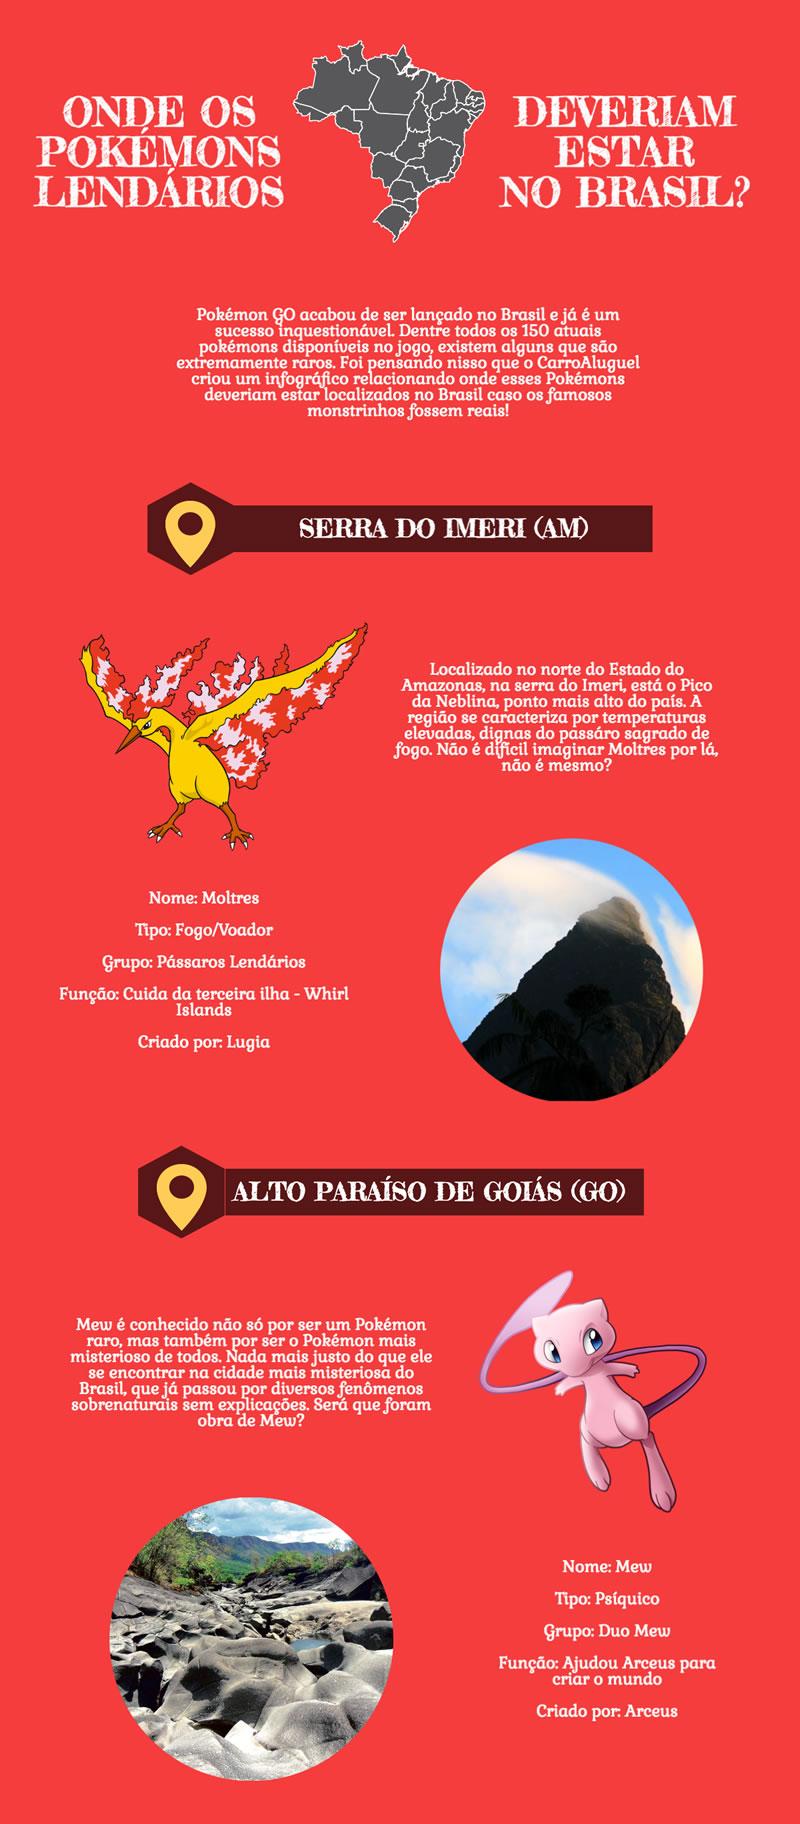 pokemon go lendarios brasil 1